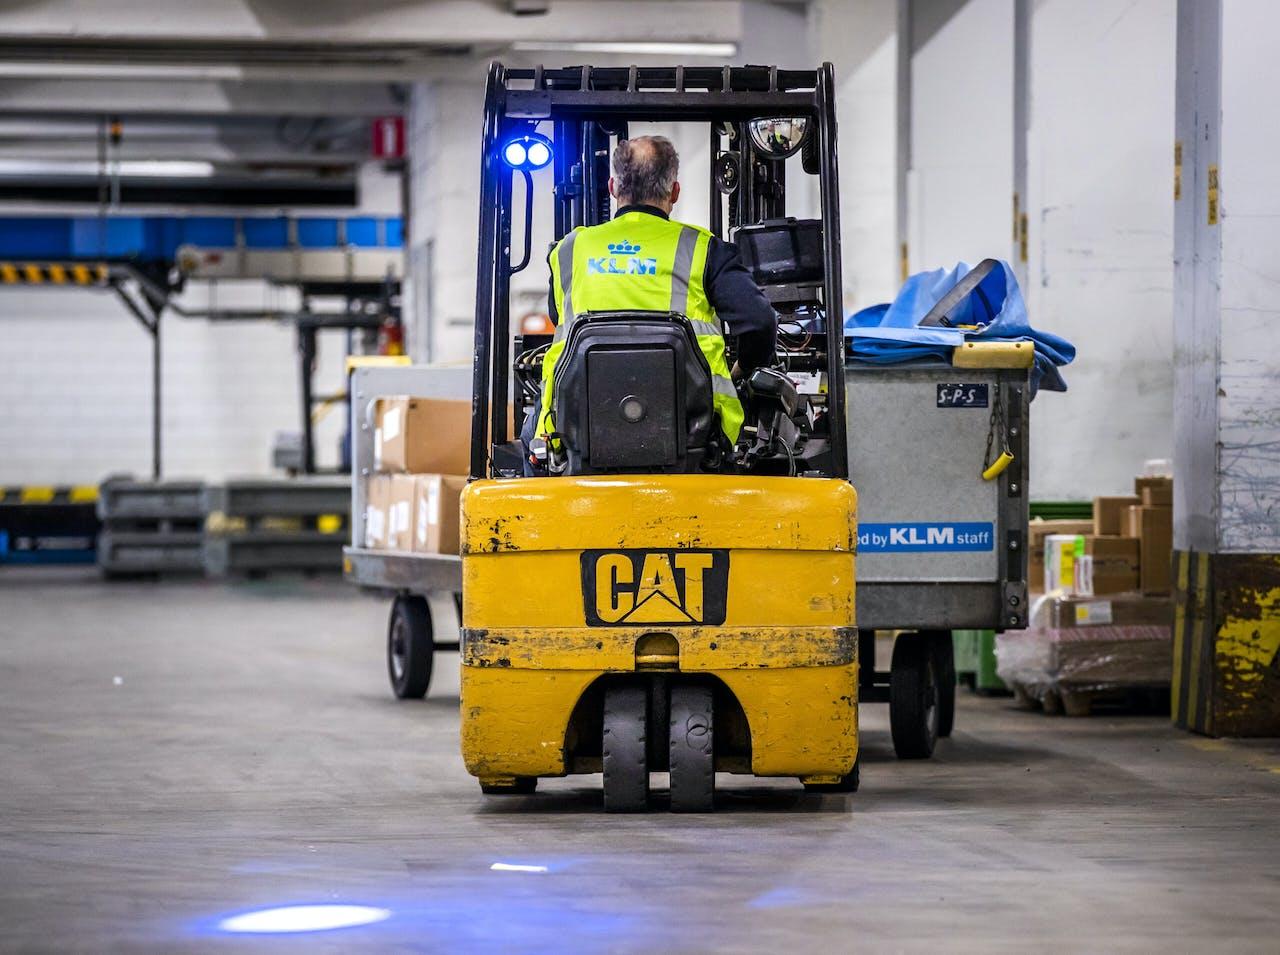 2020-12-10 10:38:44 SCHIPHOL - Medewerkers aan het werk bij KLM Cargo. De luchtvaartmaatschappij bereidt zich voor op de distributie van het vaccin tegen corona. ANP REMKO DE WAAL